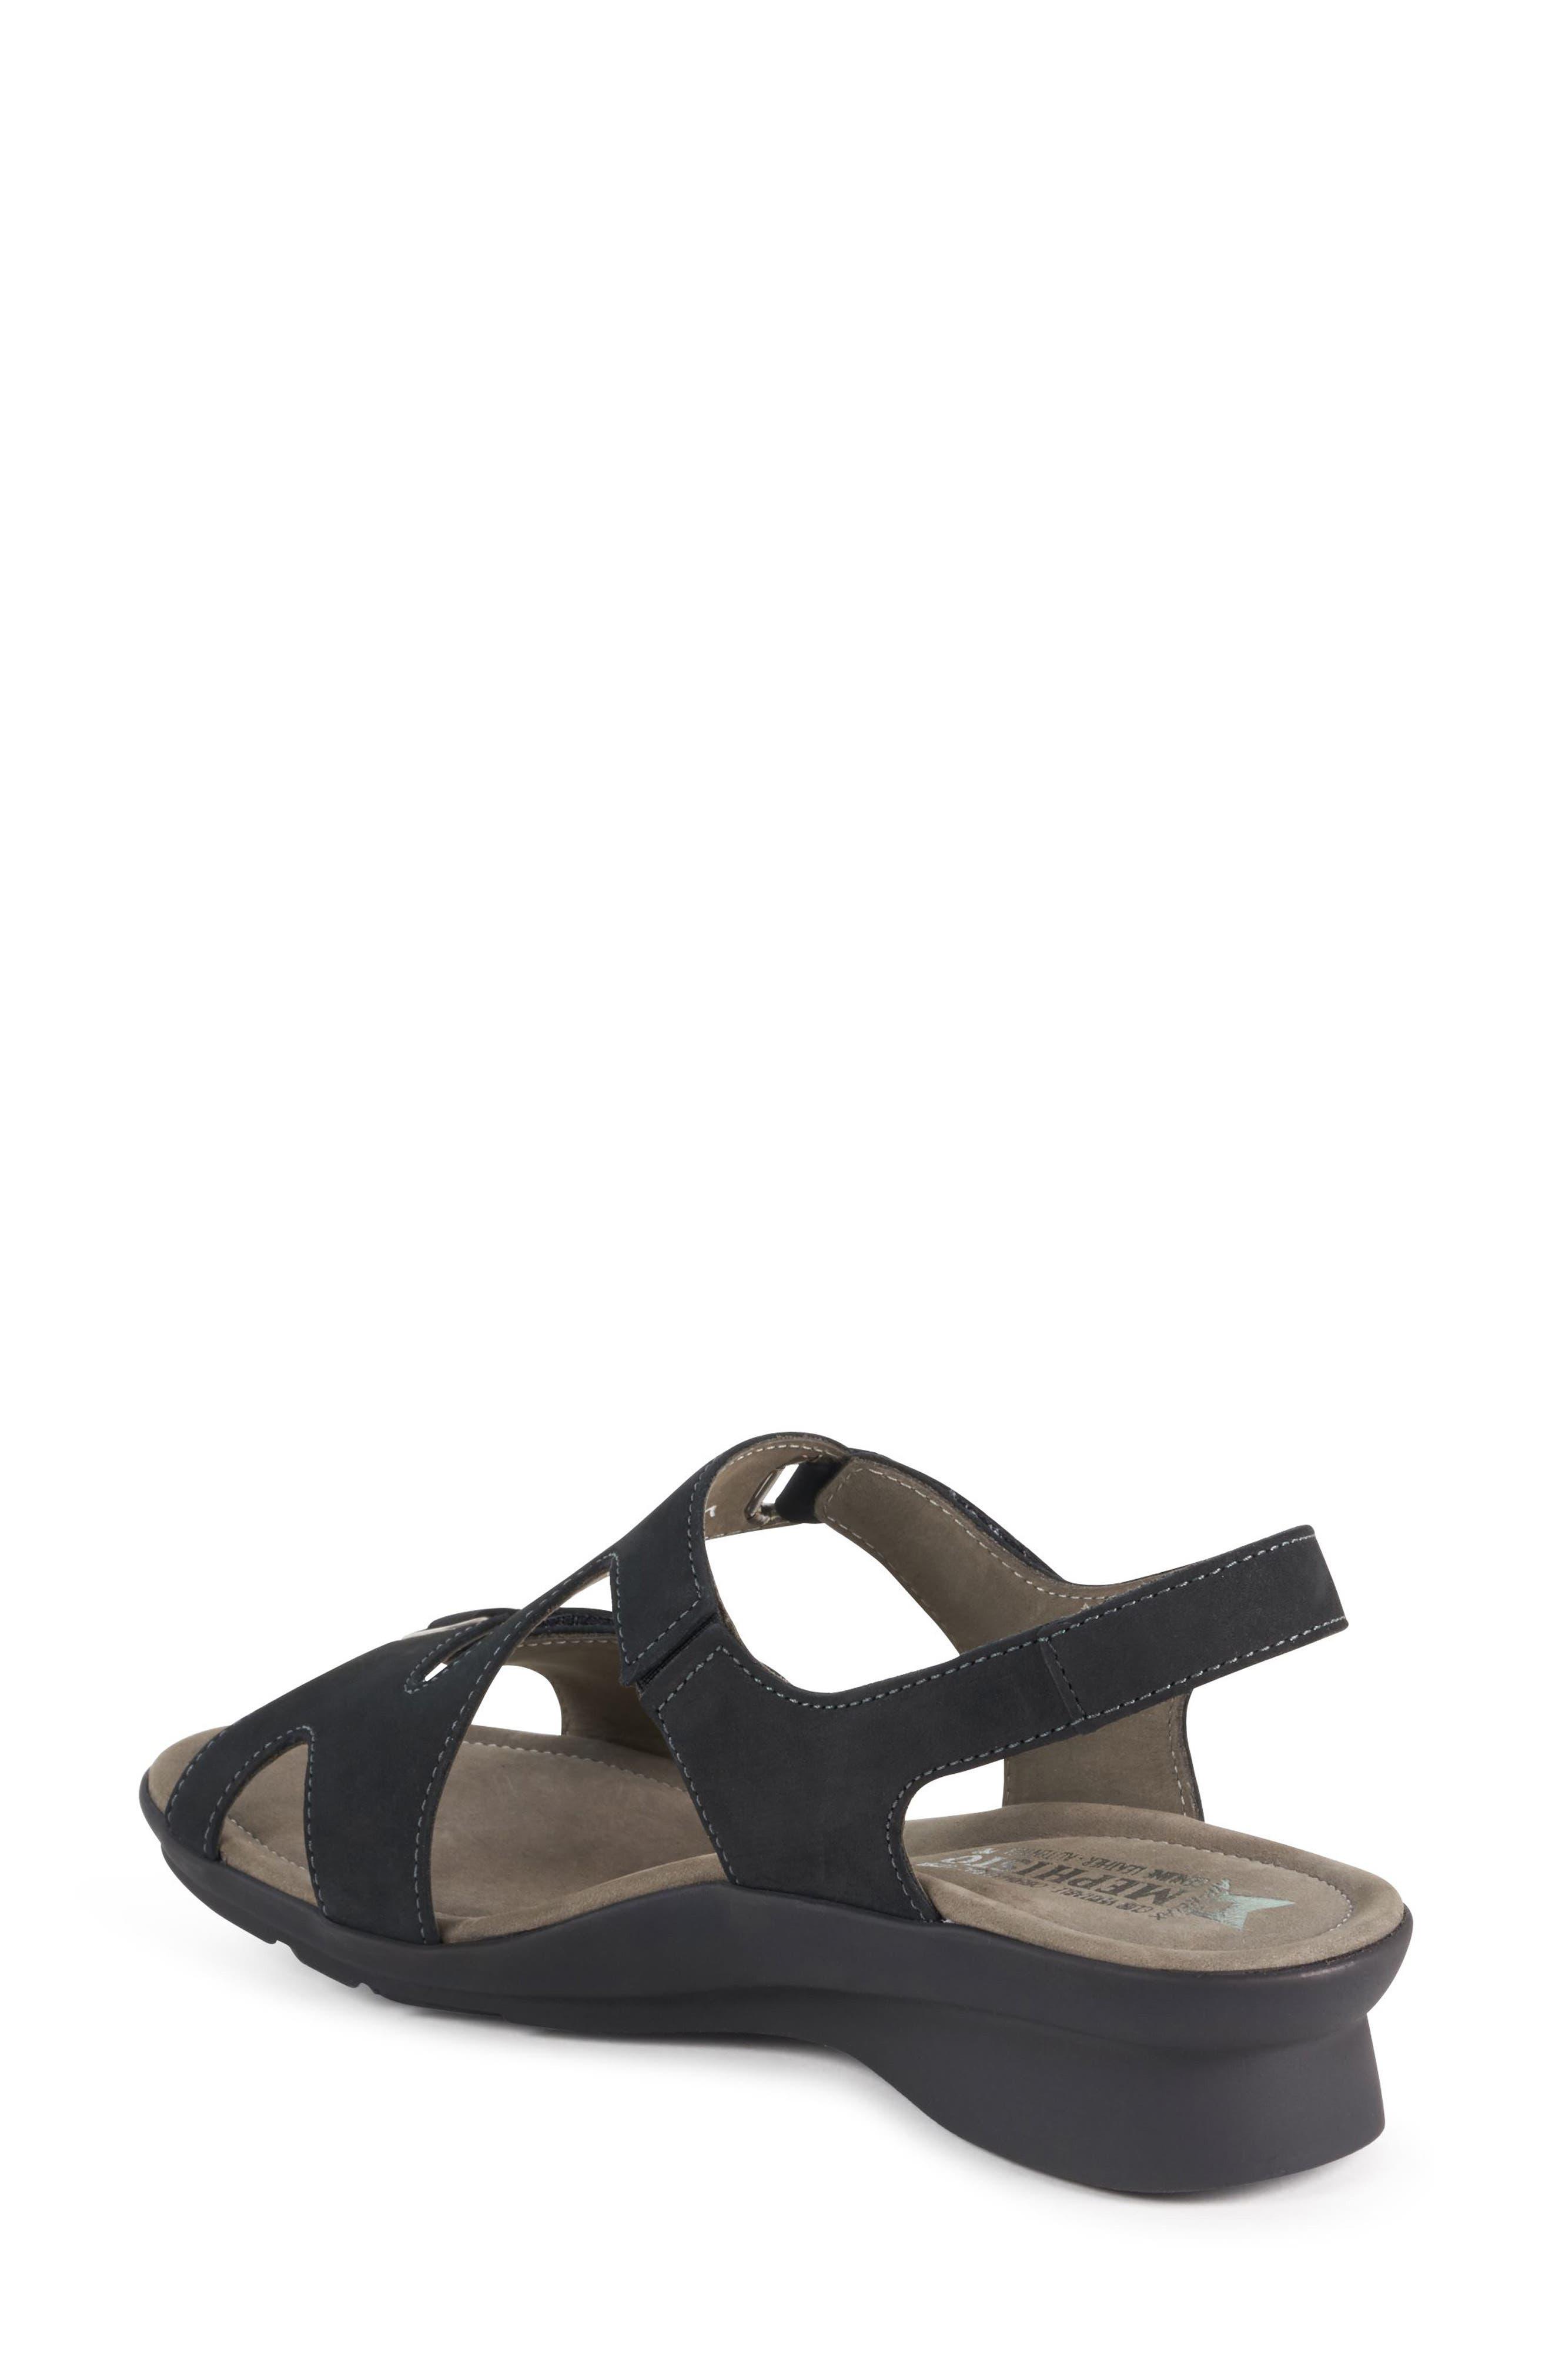 MEPHISTO, 'Paris' Slingback Sandal, Alternate thumbnail 3, color, BLACK